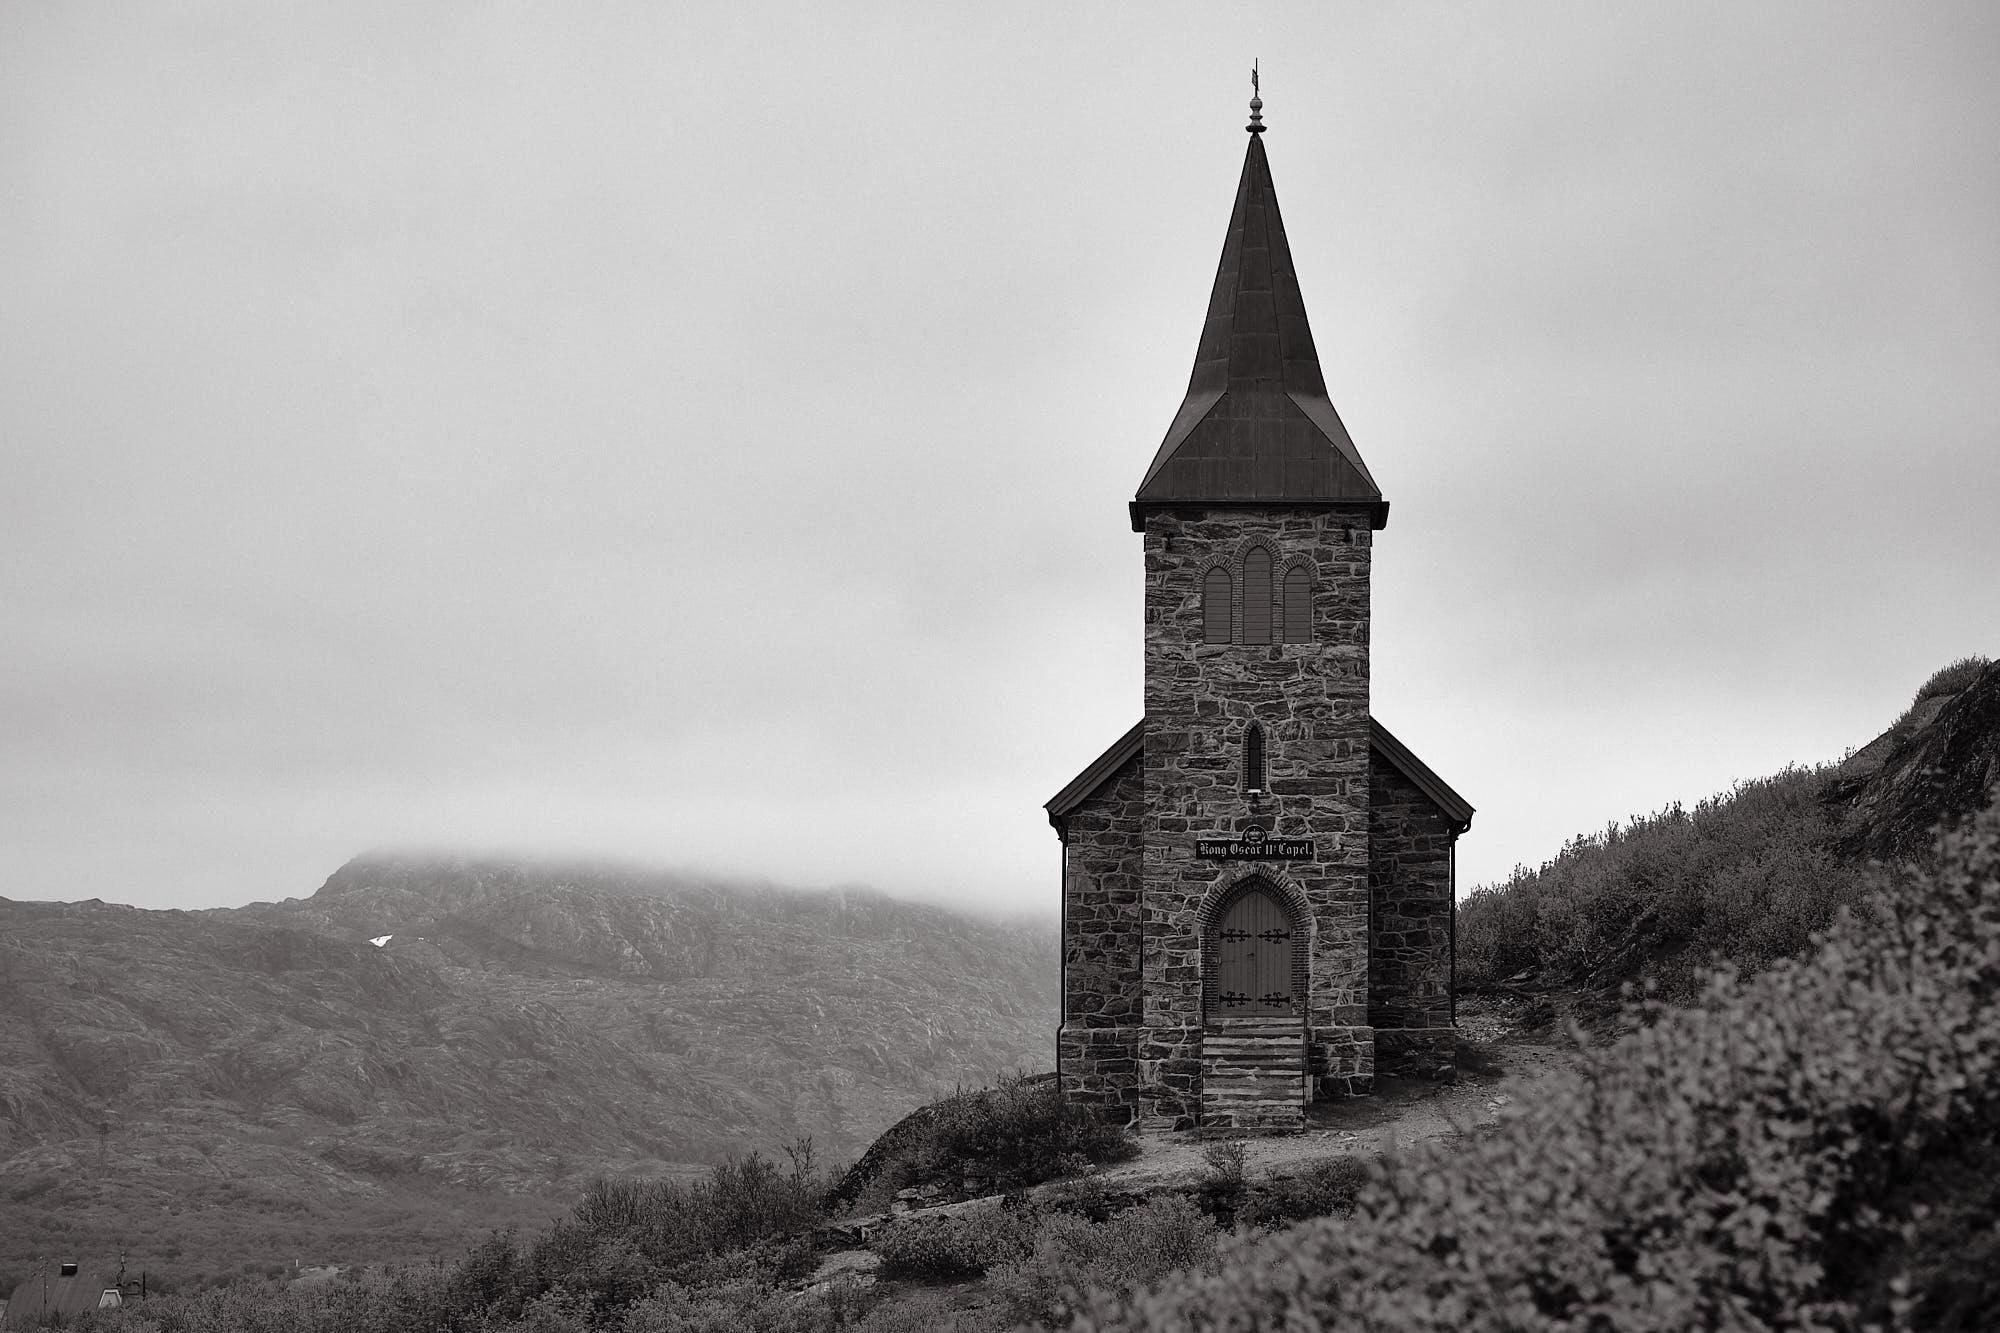 Kong Oscar II Chapel / Fujifilm X-T3 ISO 400 1/850s f/5.6 80mm